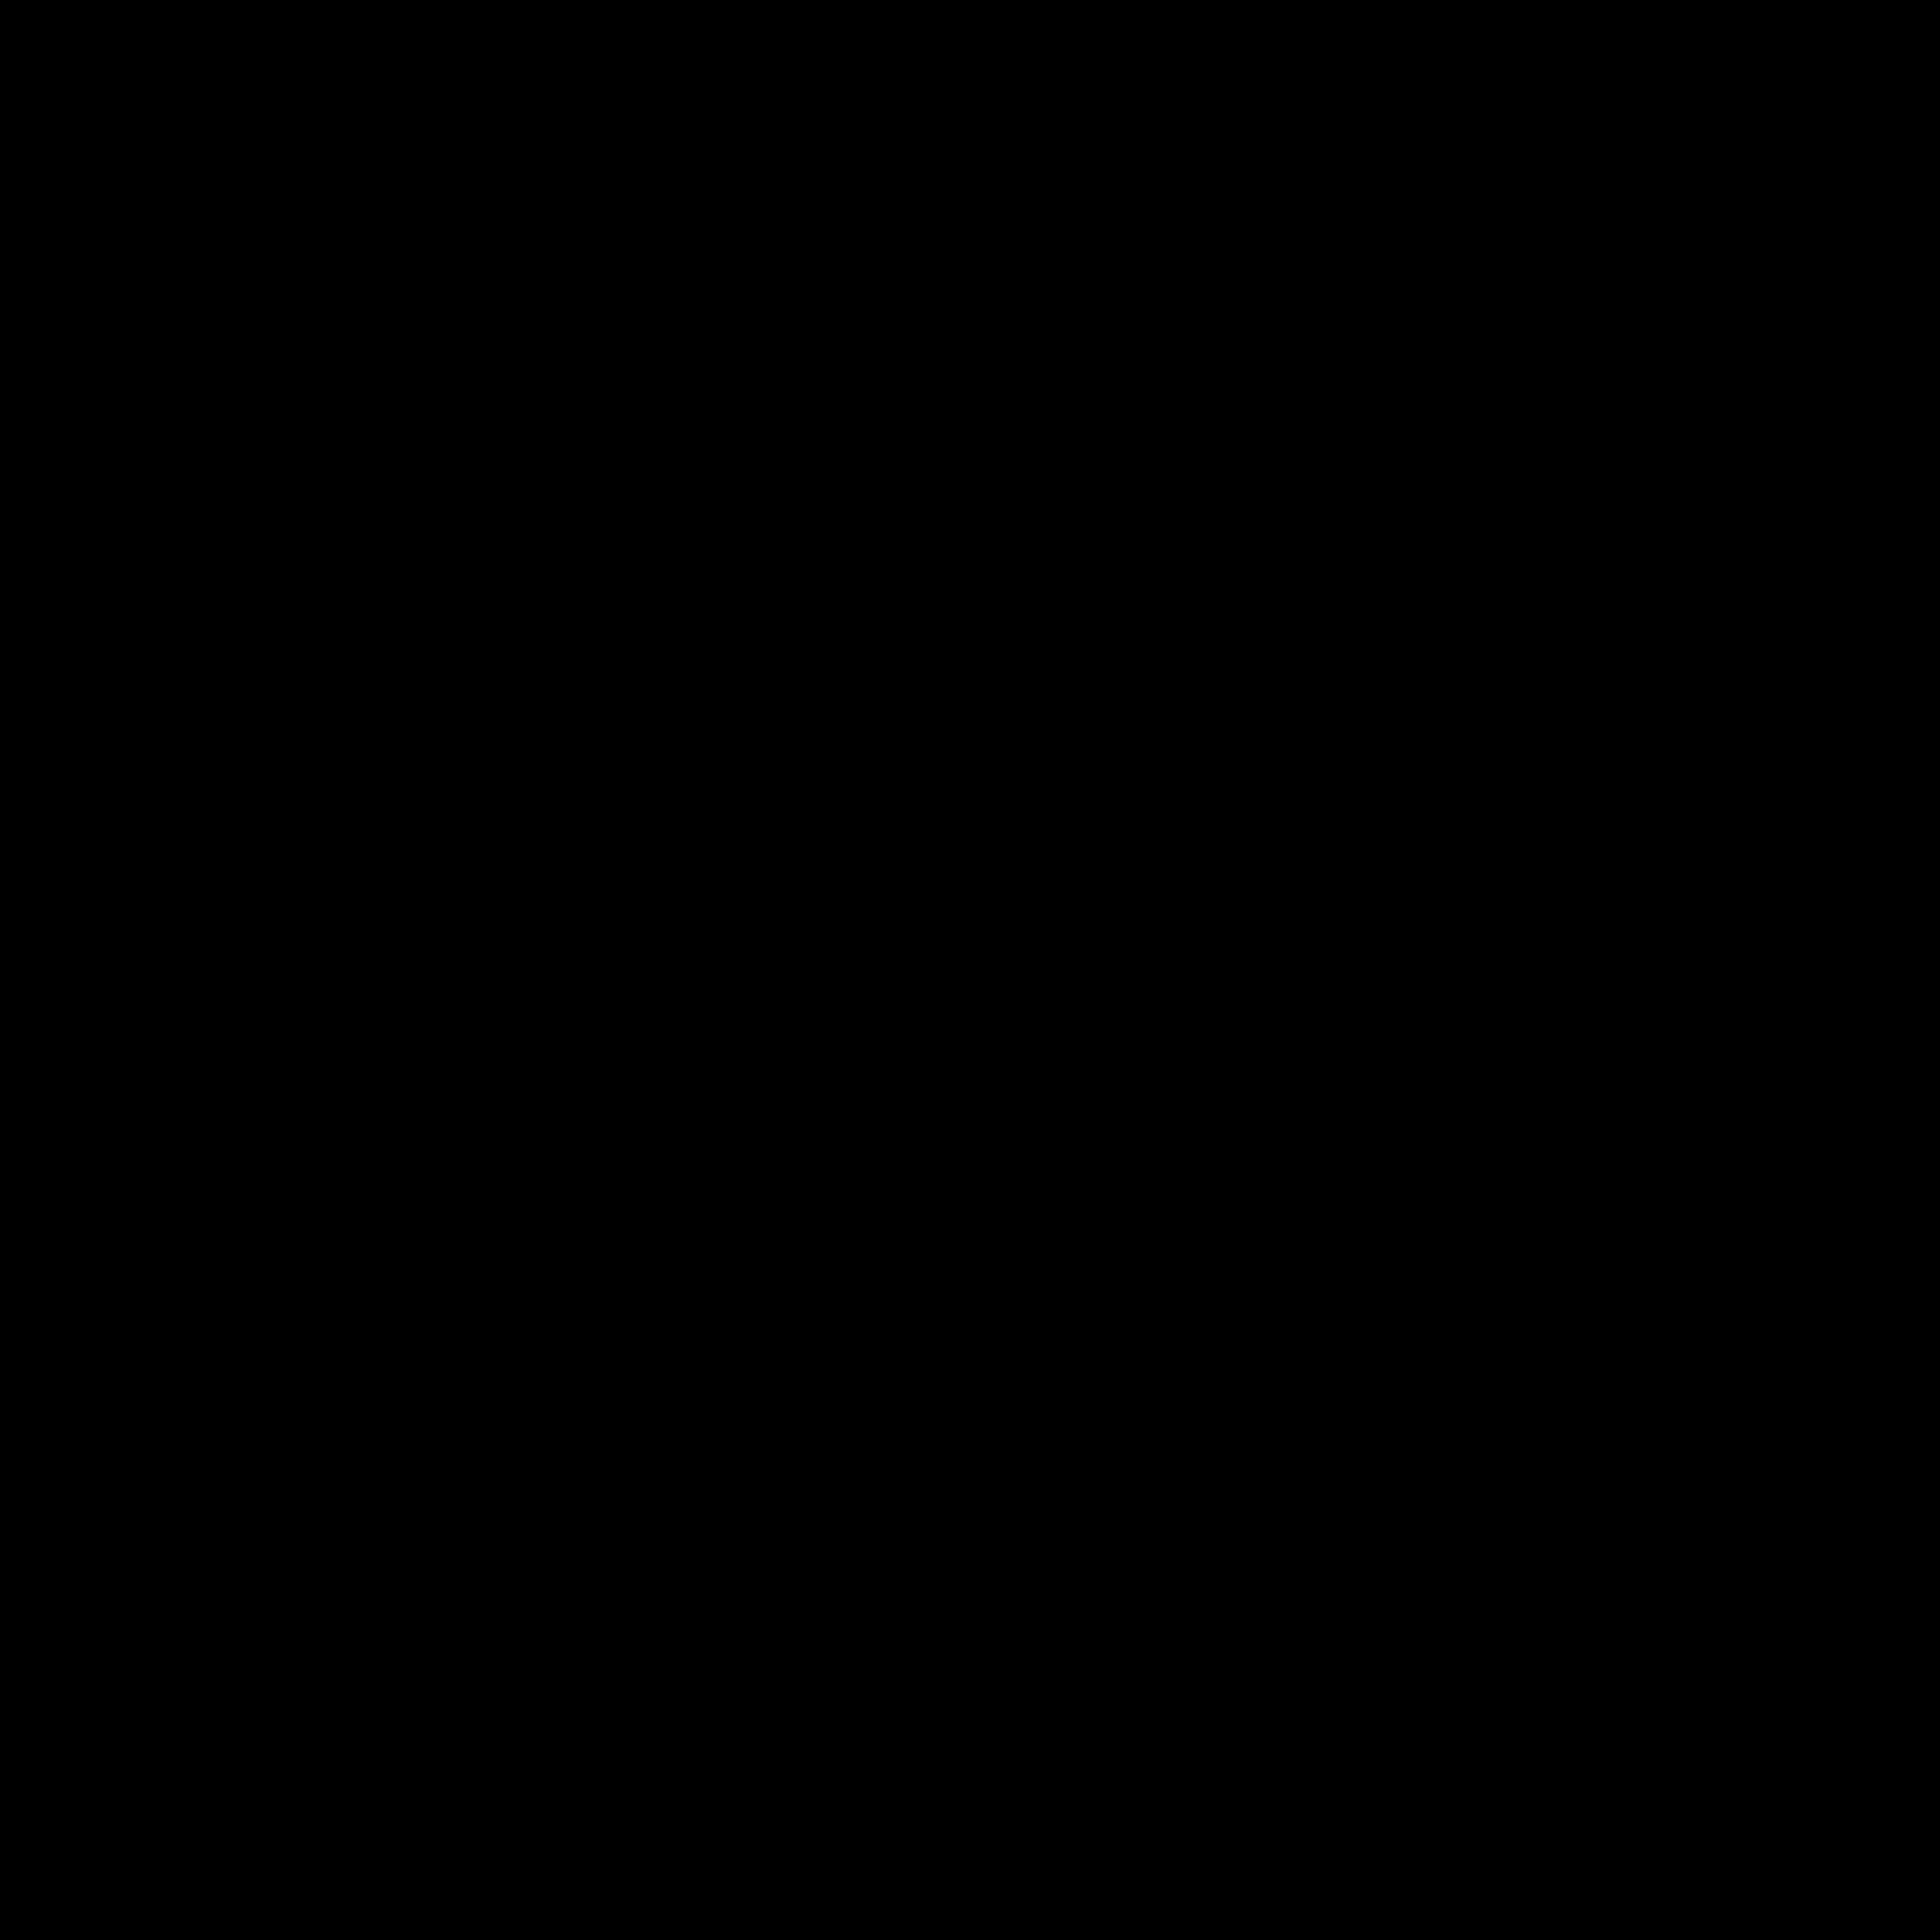 Freytags florist aglaonema plant austin tx plants